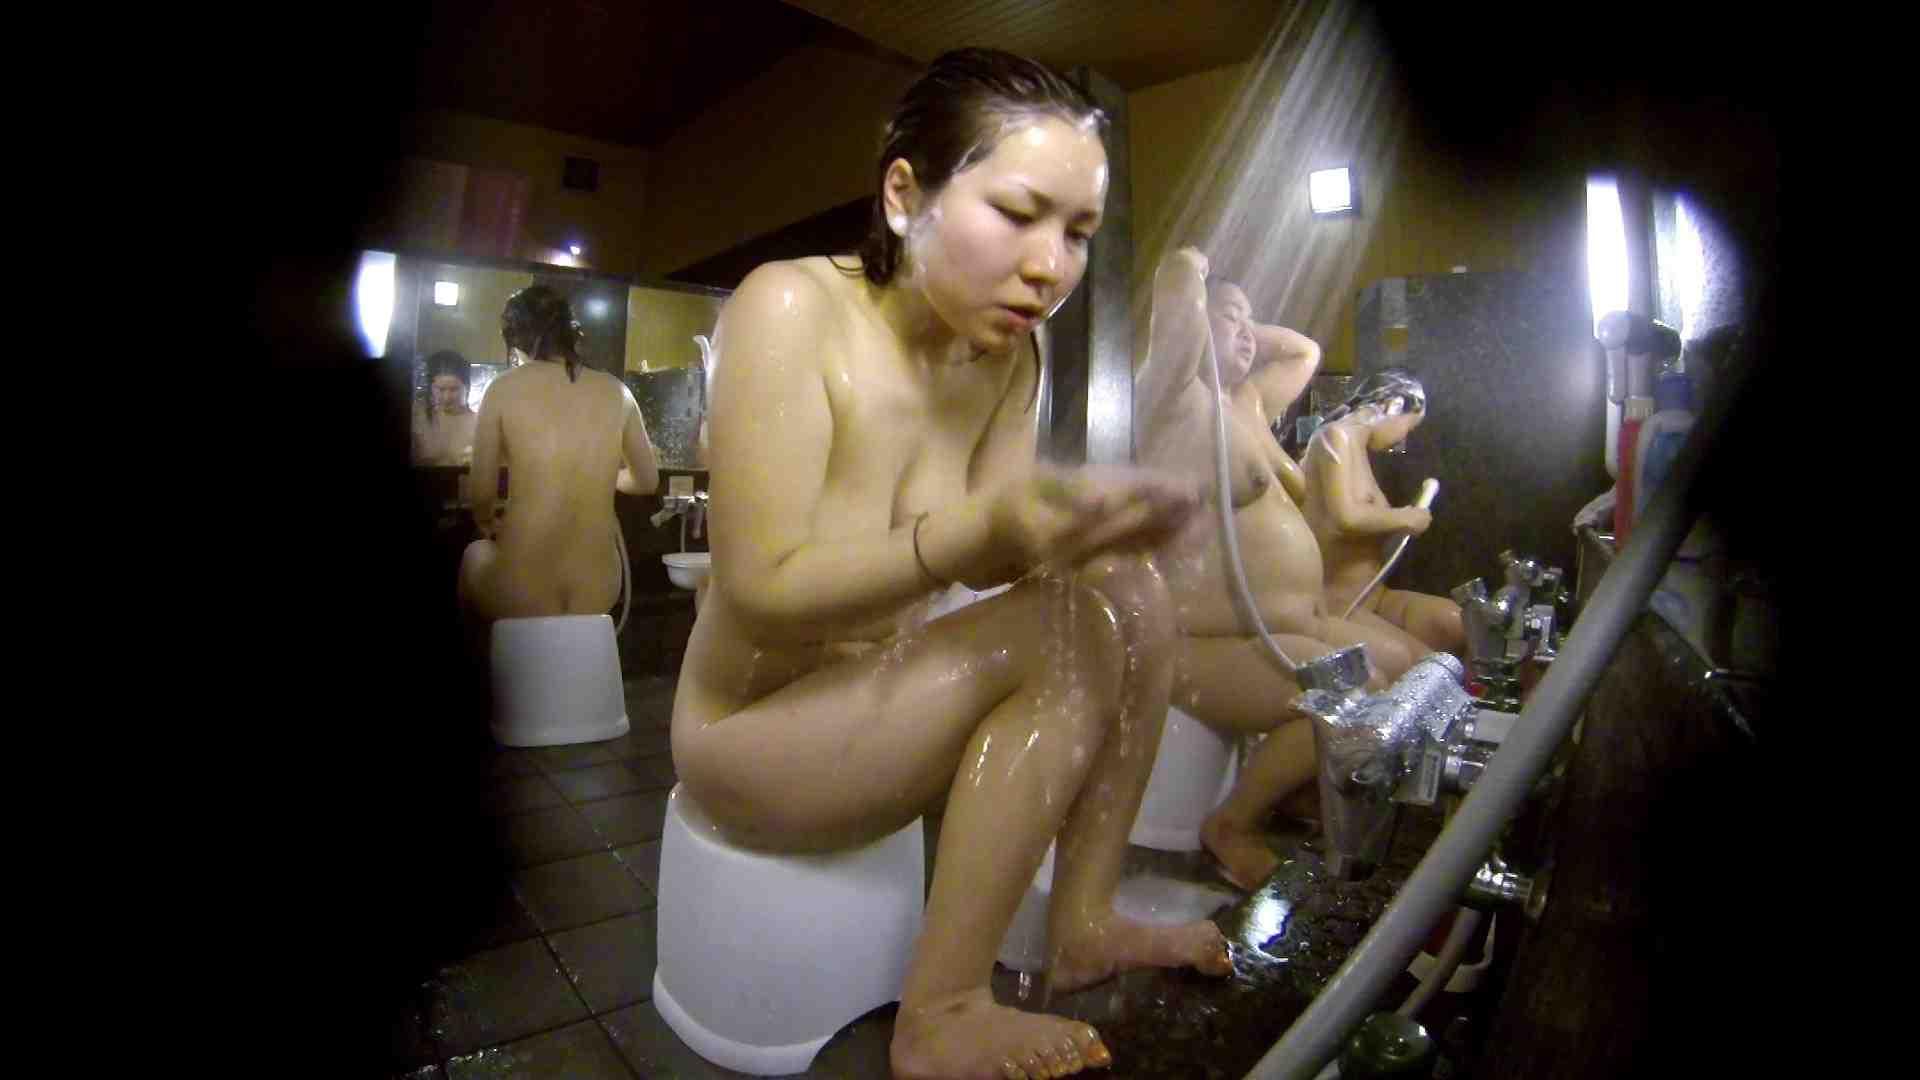 洗い場!色白でなかなかの美巨乳。柔らかく揺れまくりです 女湯のぞき エロ画像 94枚 84